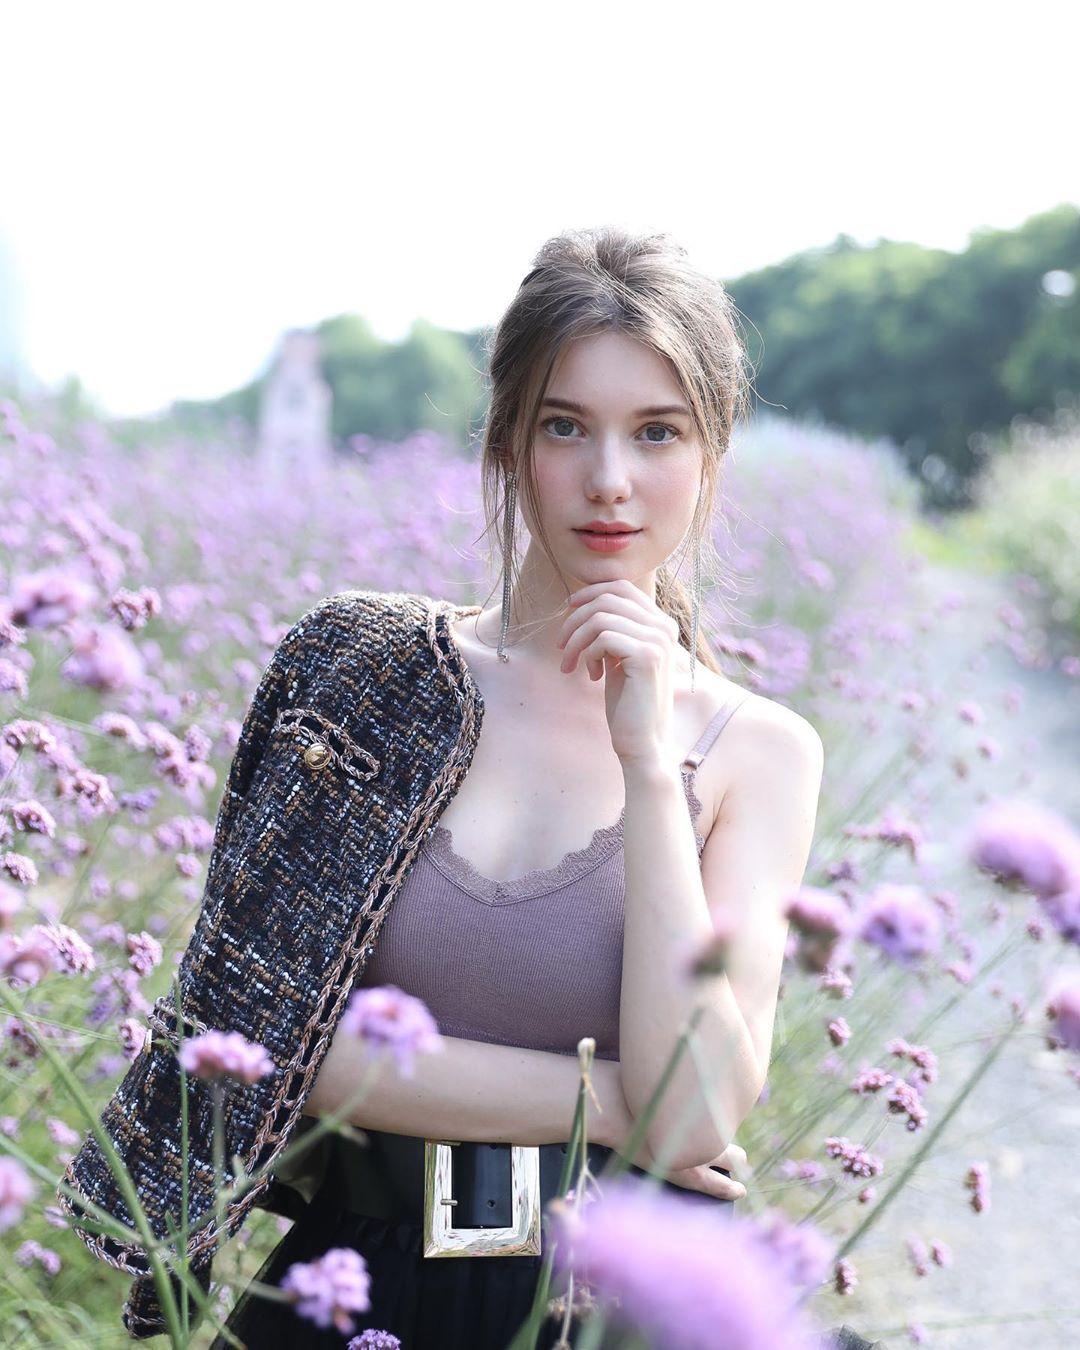 四国混血美女Anastasia Cebulska梦幻颜值惊呆网友 美图 热图4